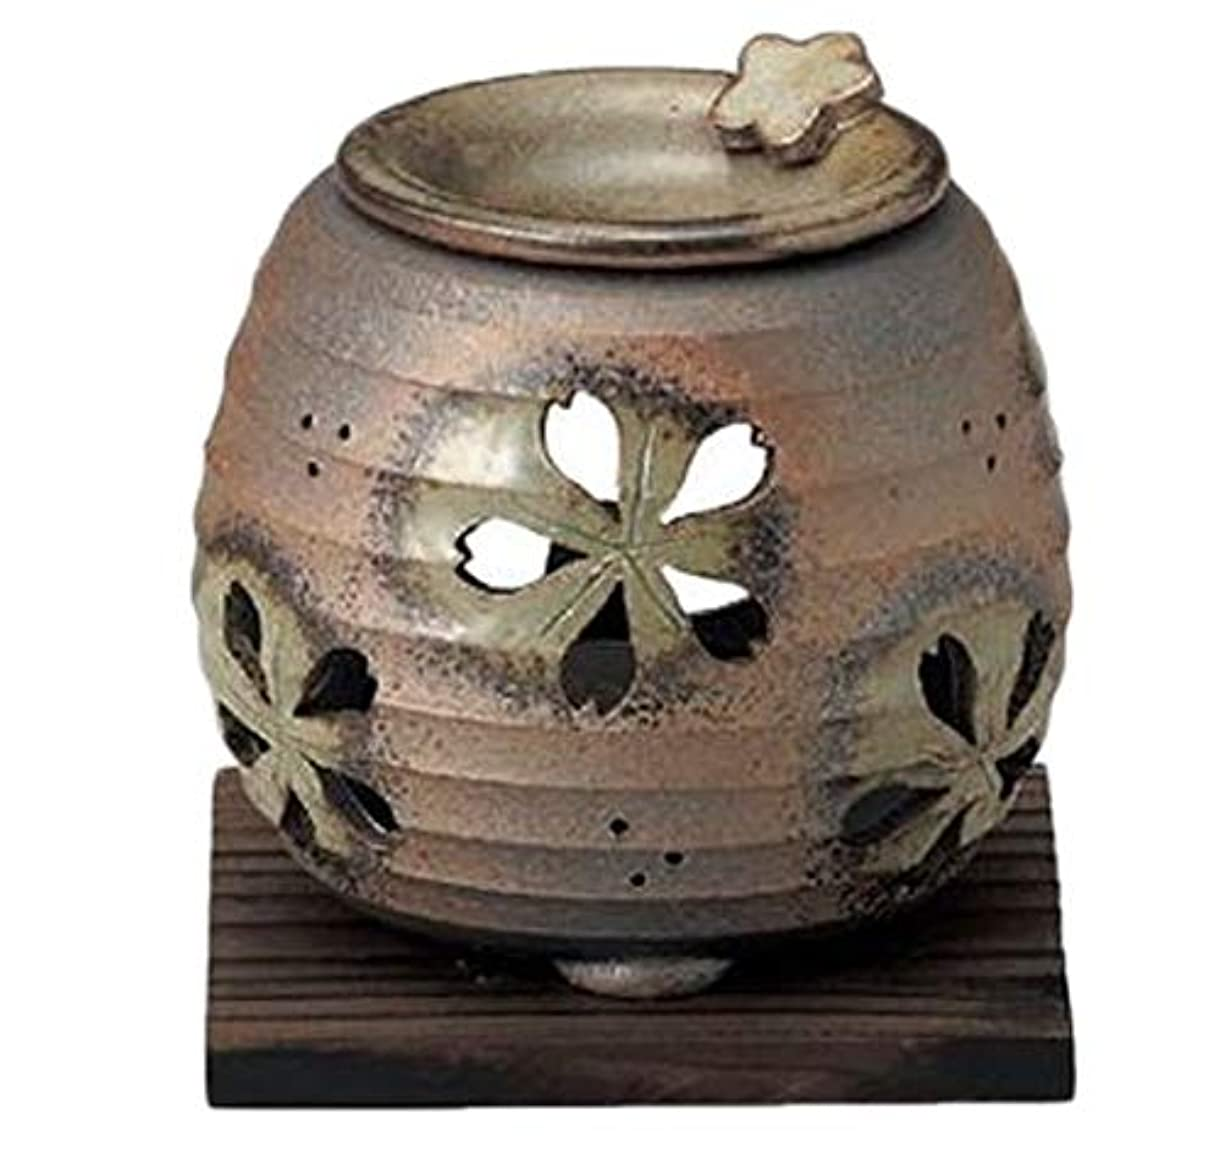 リビングルーム険しい飲料常滑焼 6-249 石龍緑灰釉桜透かし茶香炉 石龍φ11×H11㎝